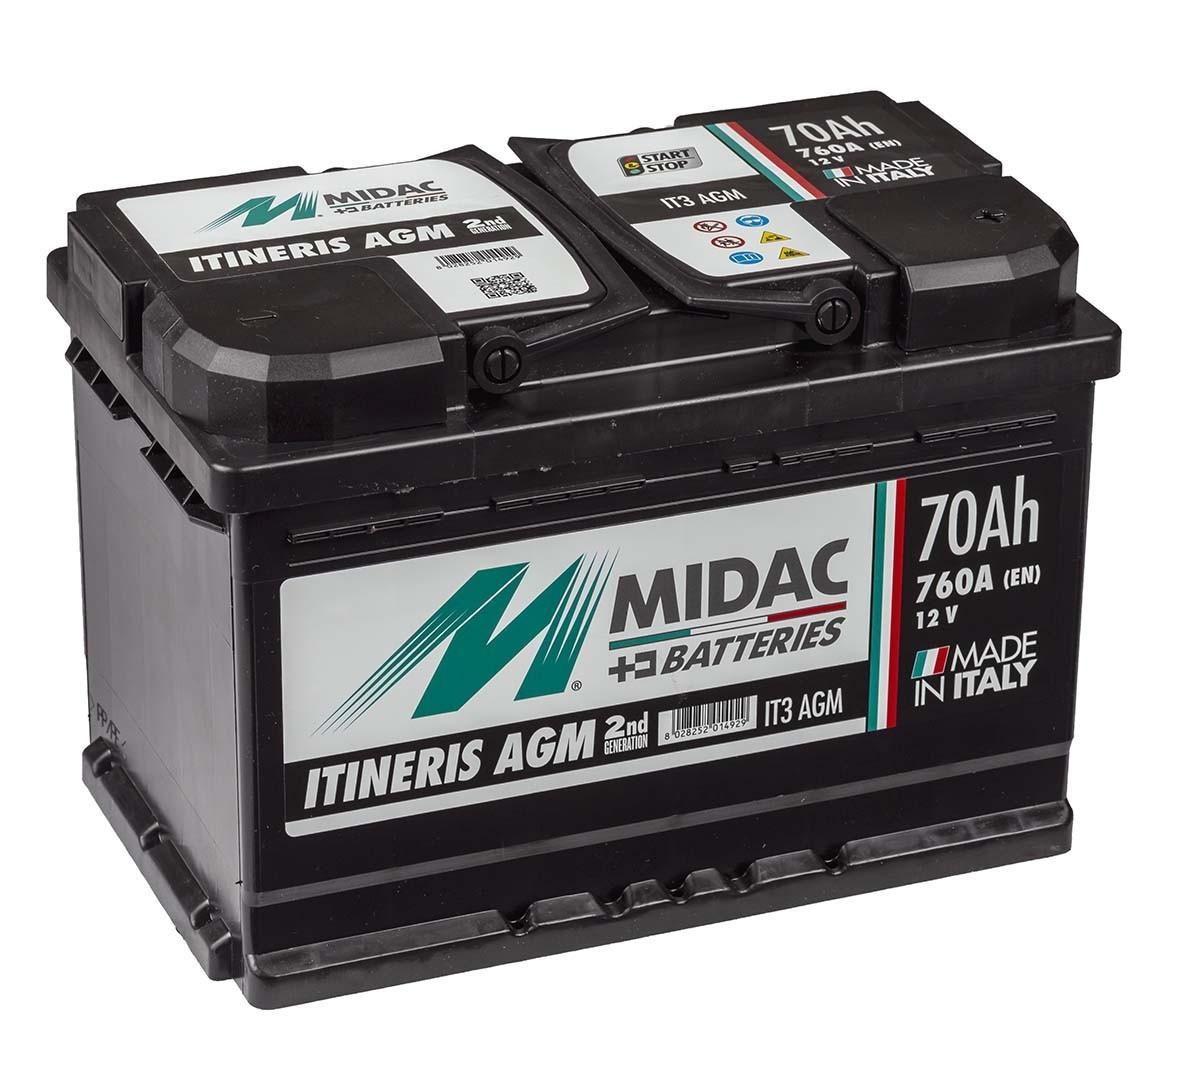 Аккумулятор автомобильный  MIDAC ITINERIS START STOP AGM, 12V, 70Ah,760А R Мидак Итинерис Италия